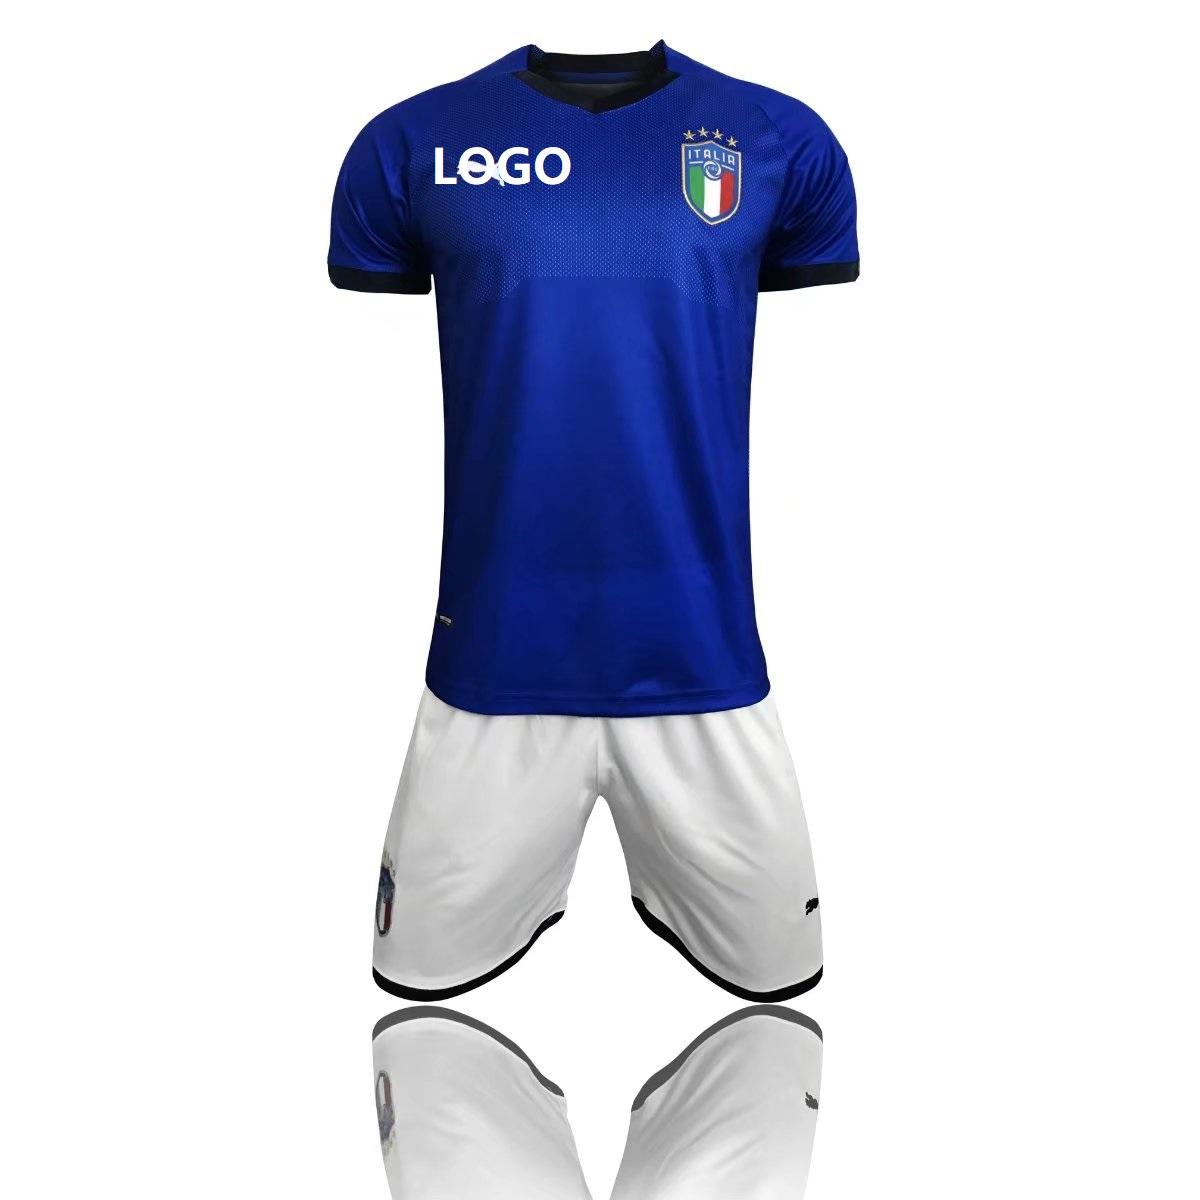 0360126a32d Soccer Shirts World Cup 2018